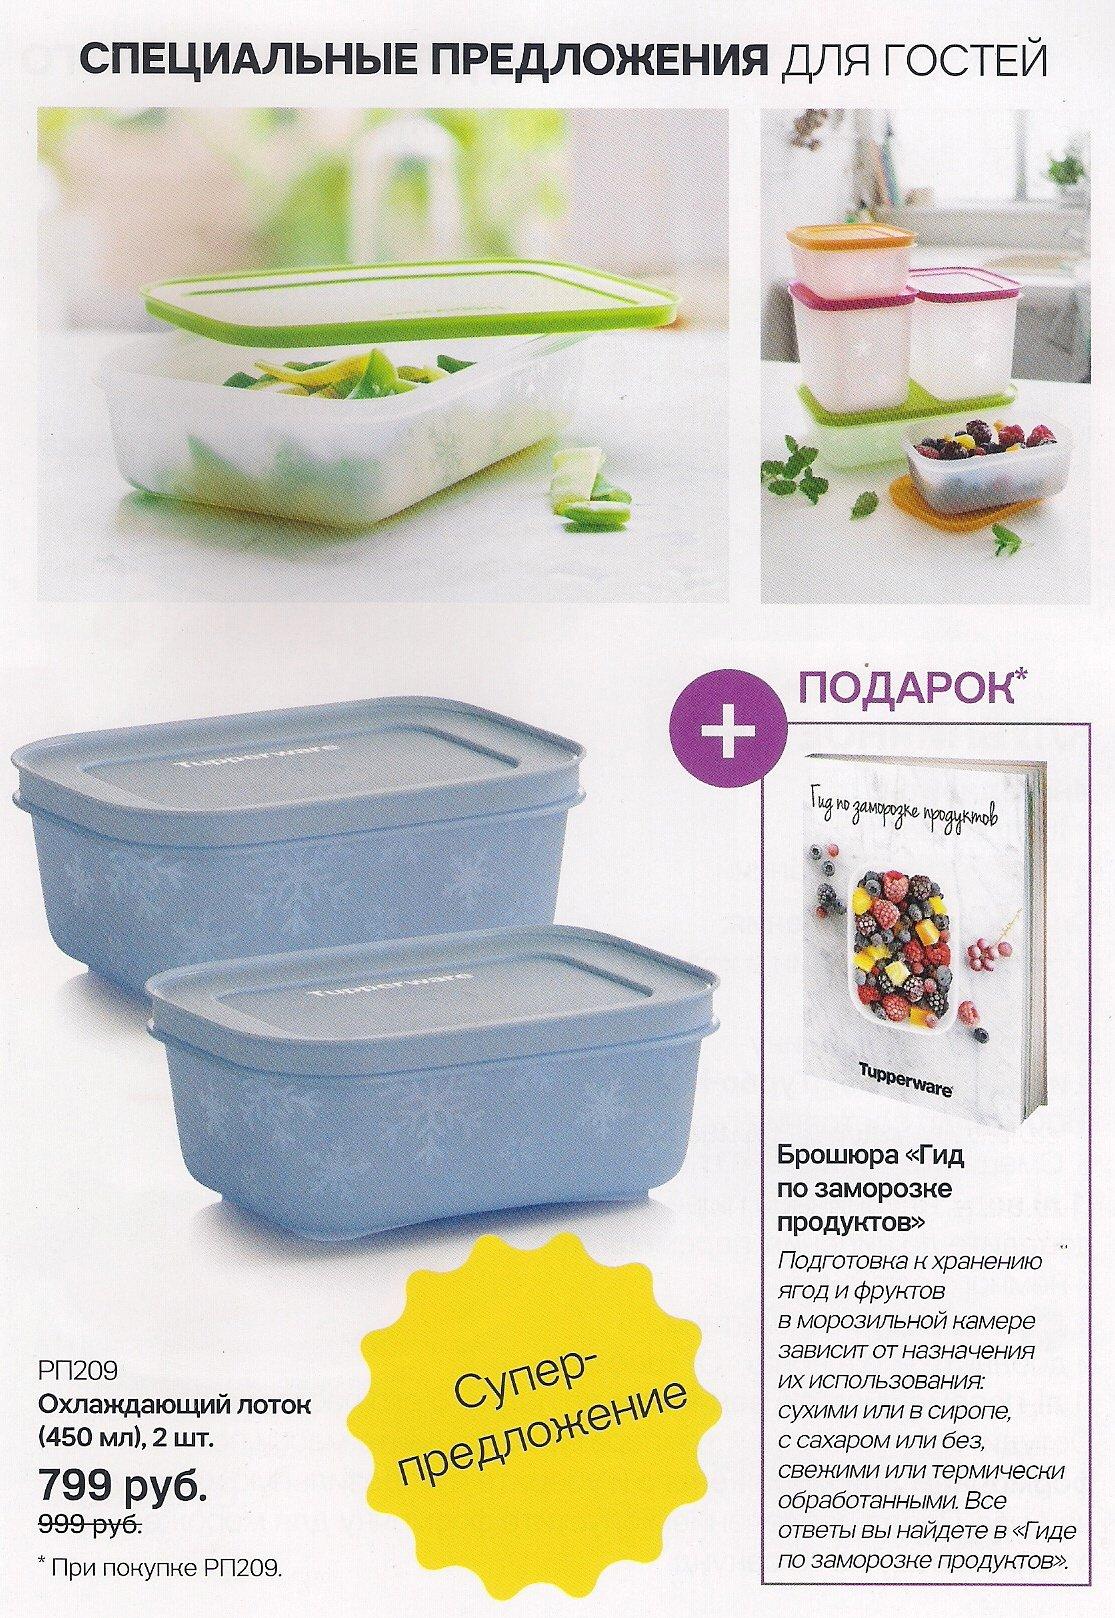 https://tupperware-online.ru/images/upload/s11.jpg